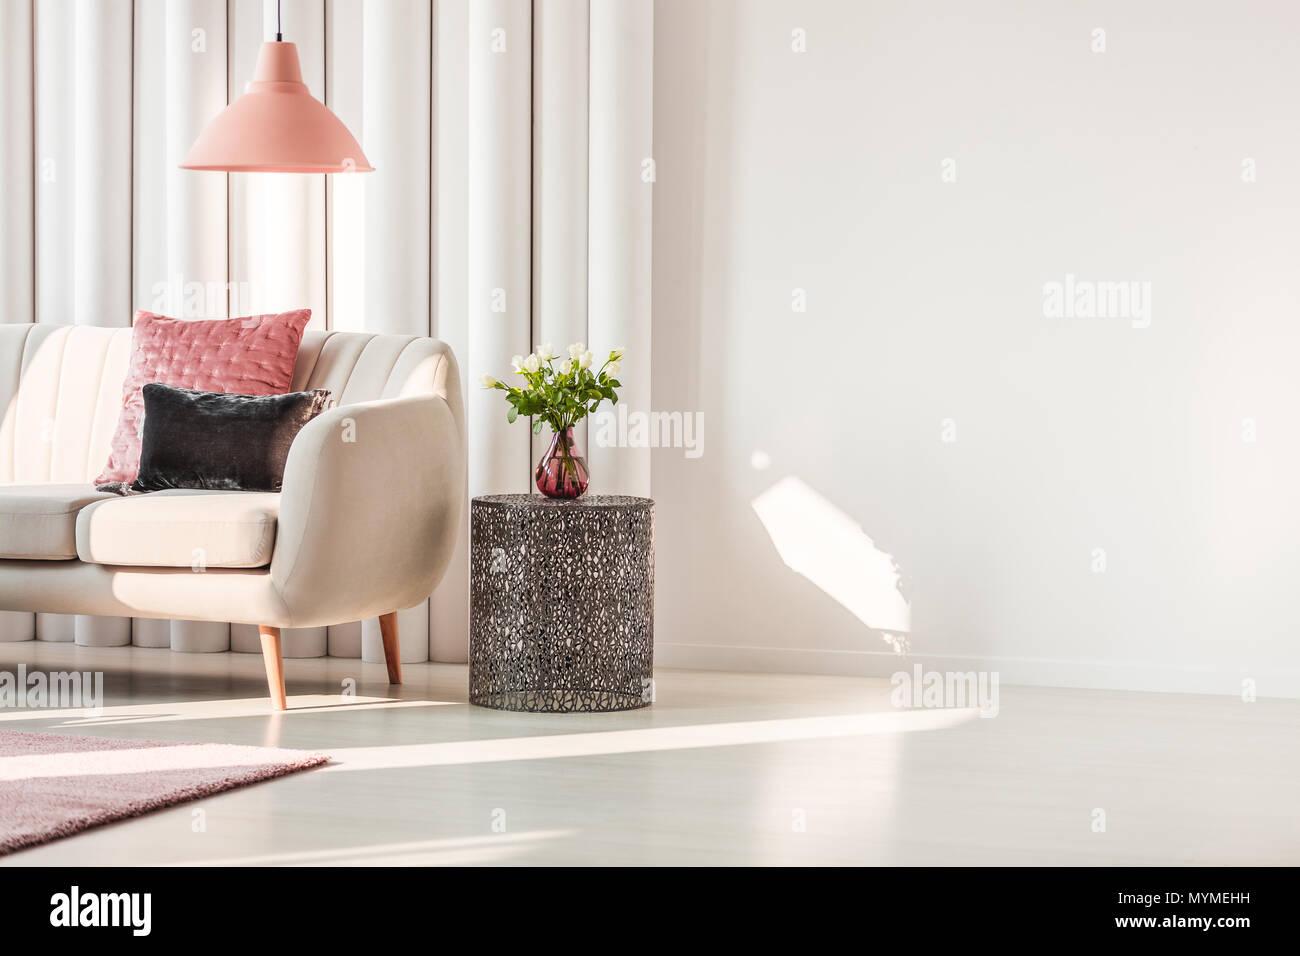 Semplice soggiorno interno con rosa e grigio cuscini sui divani ...